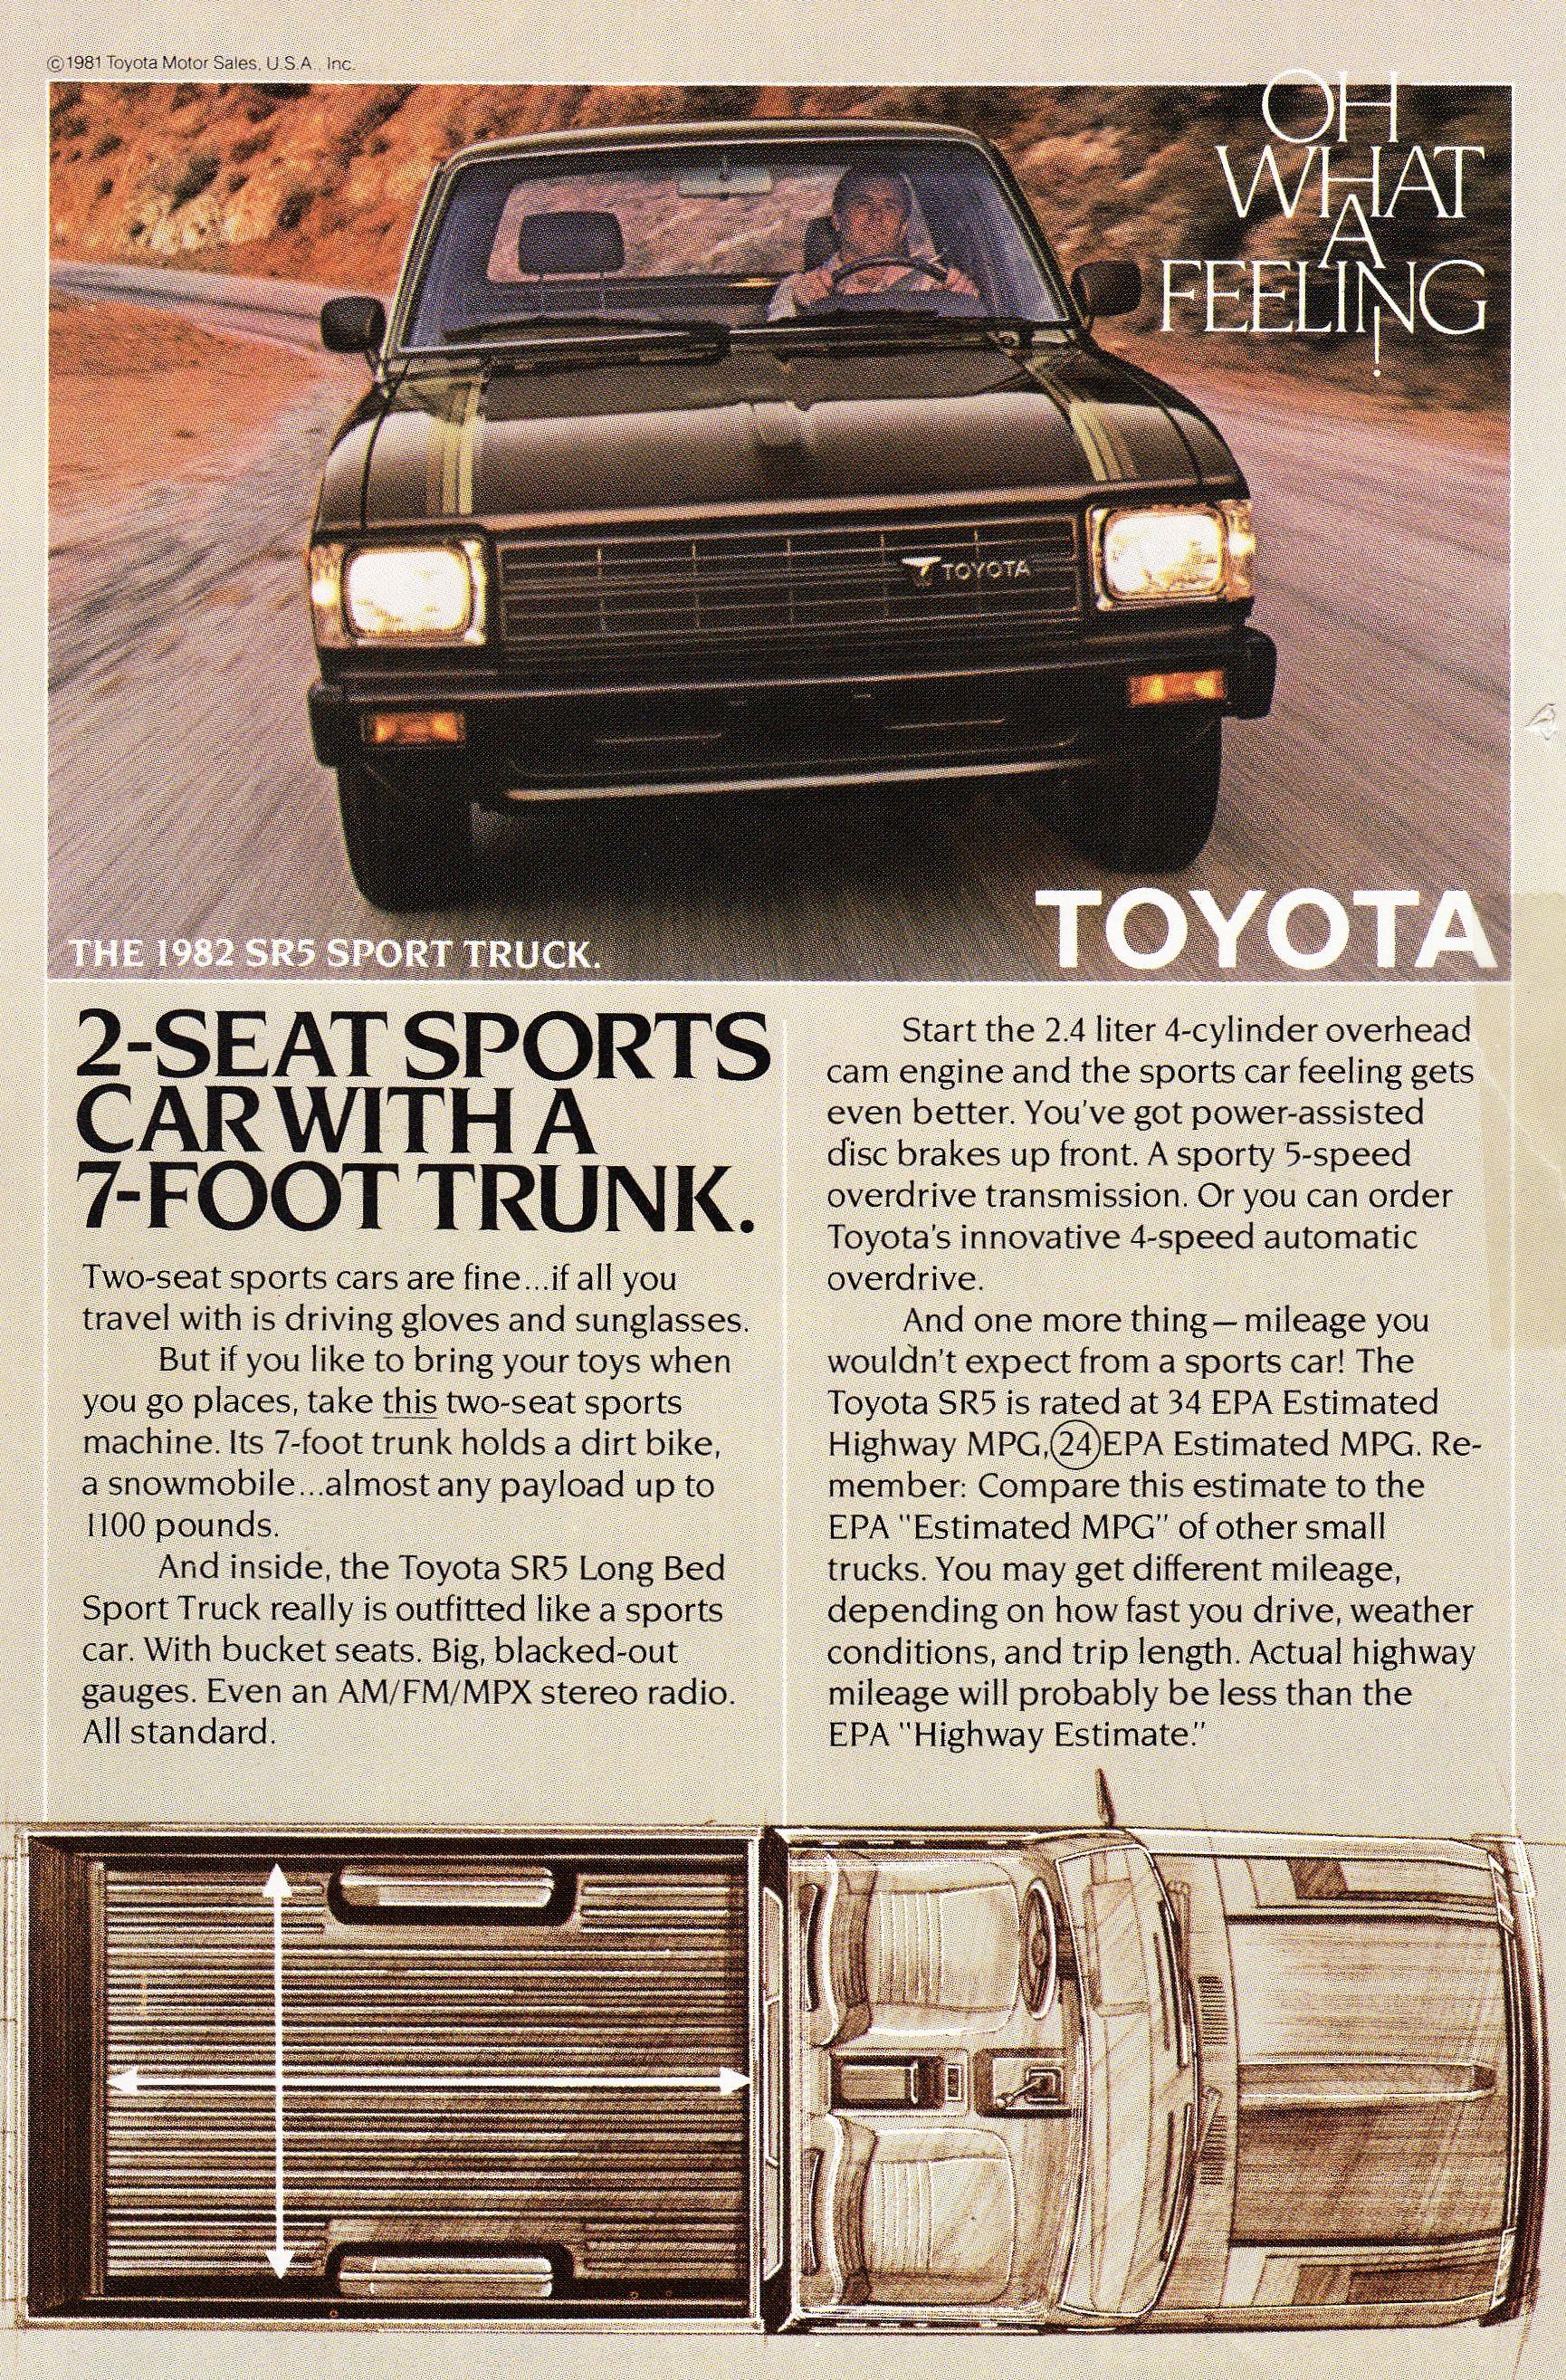 1982 Toyota SR5 Sport Truck. Sport truck, Toyota, Trucks